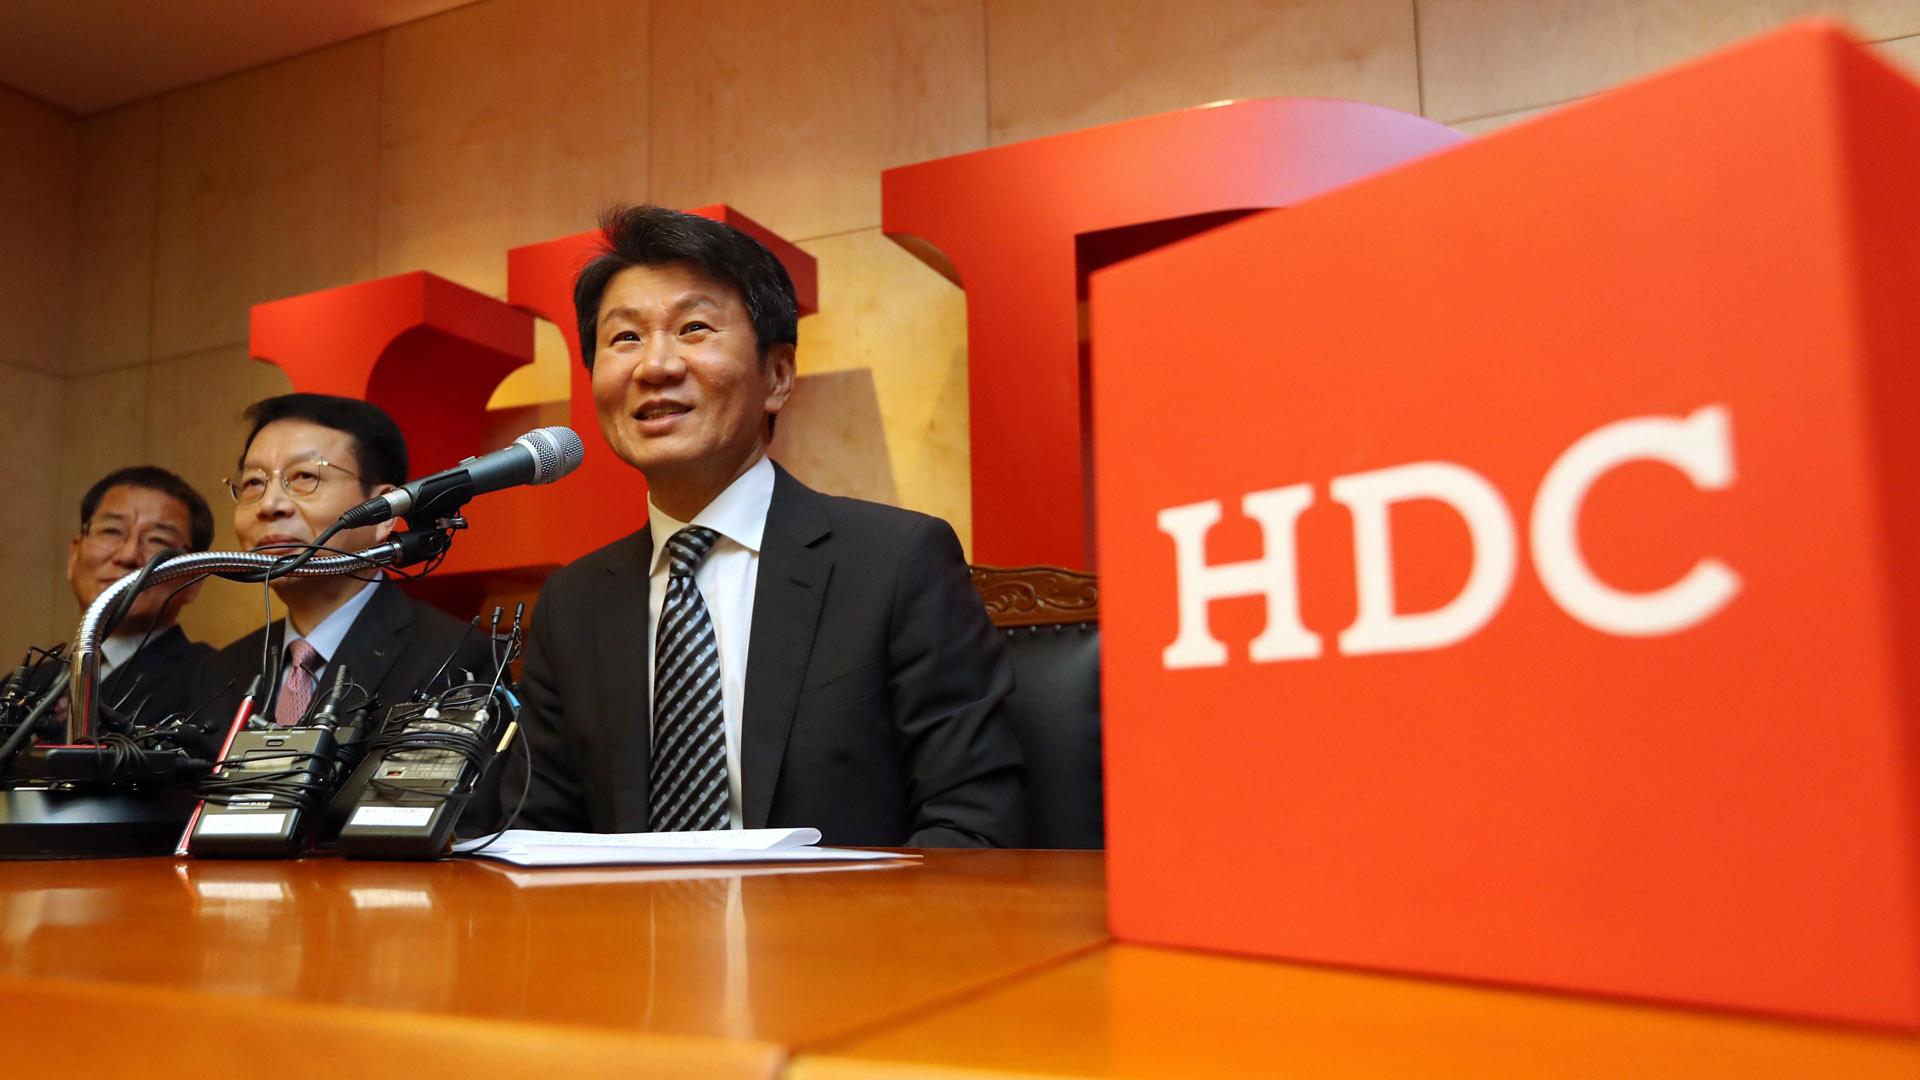 HDC 재계 17위 도약 예고…금호는 중견기업으로